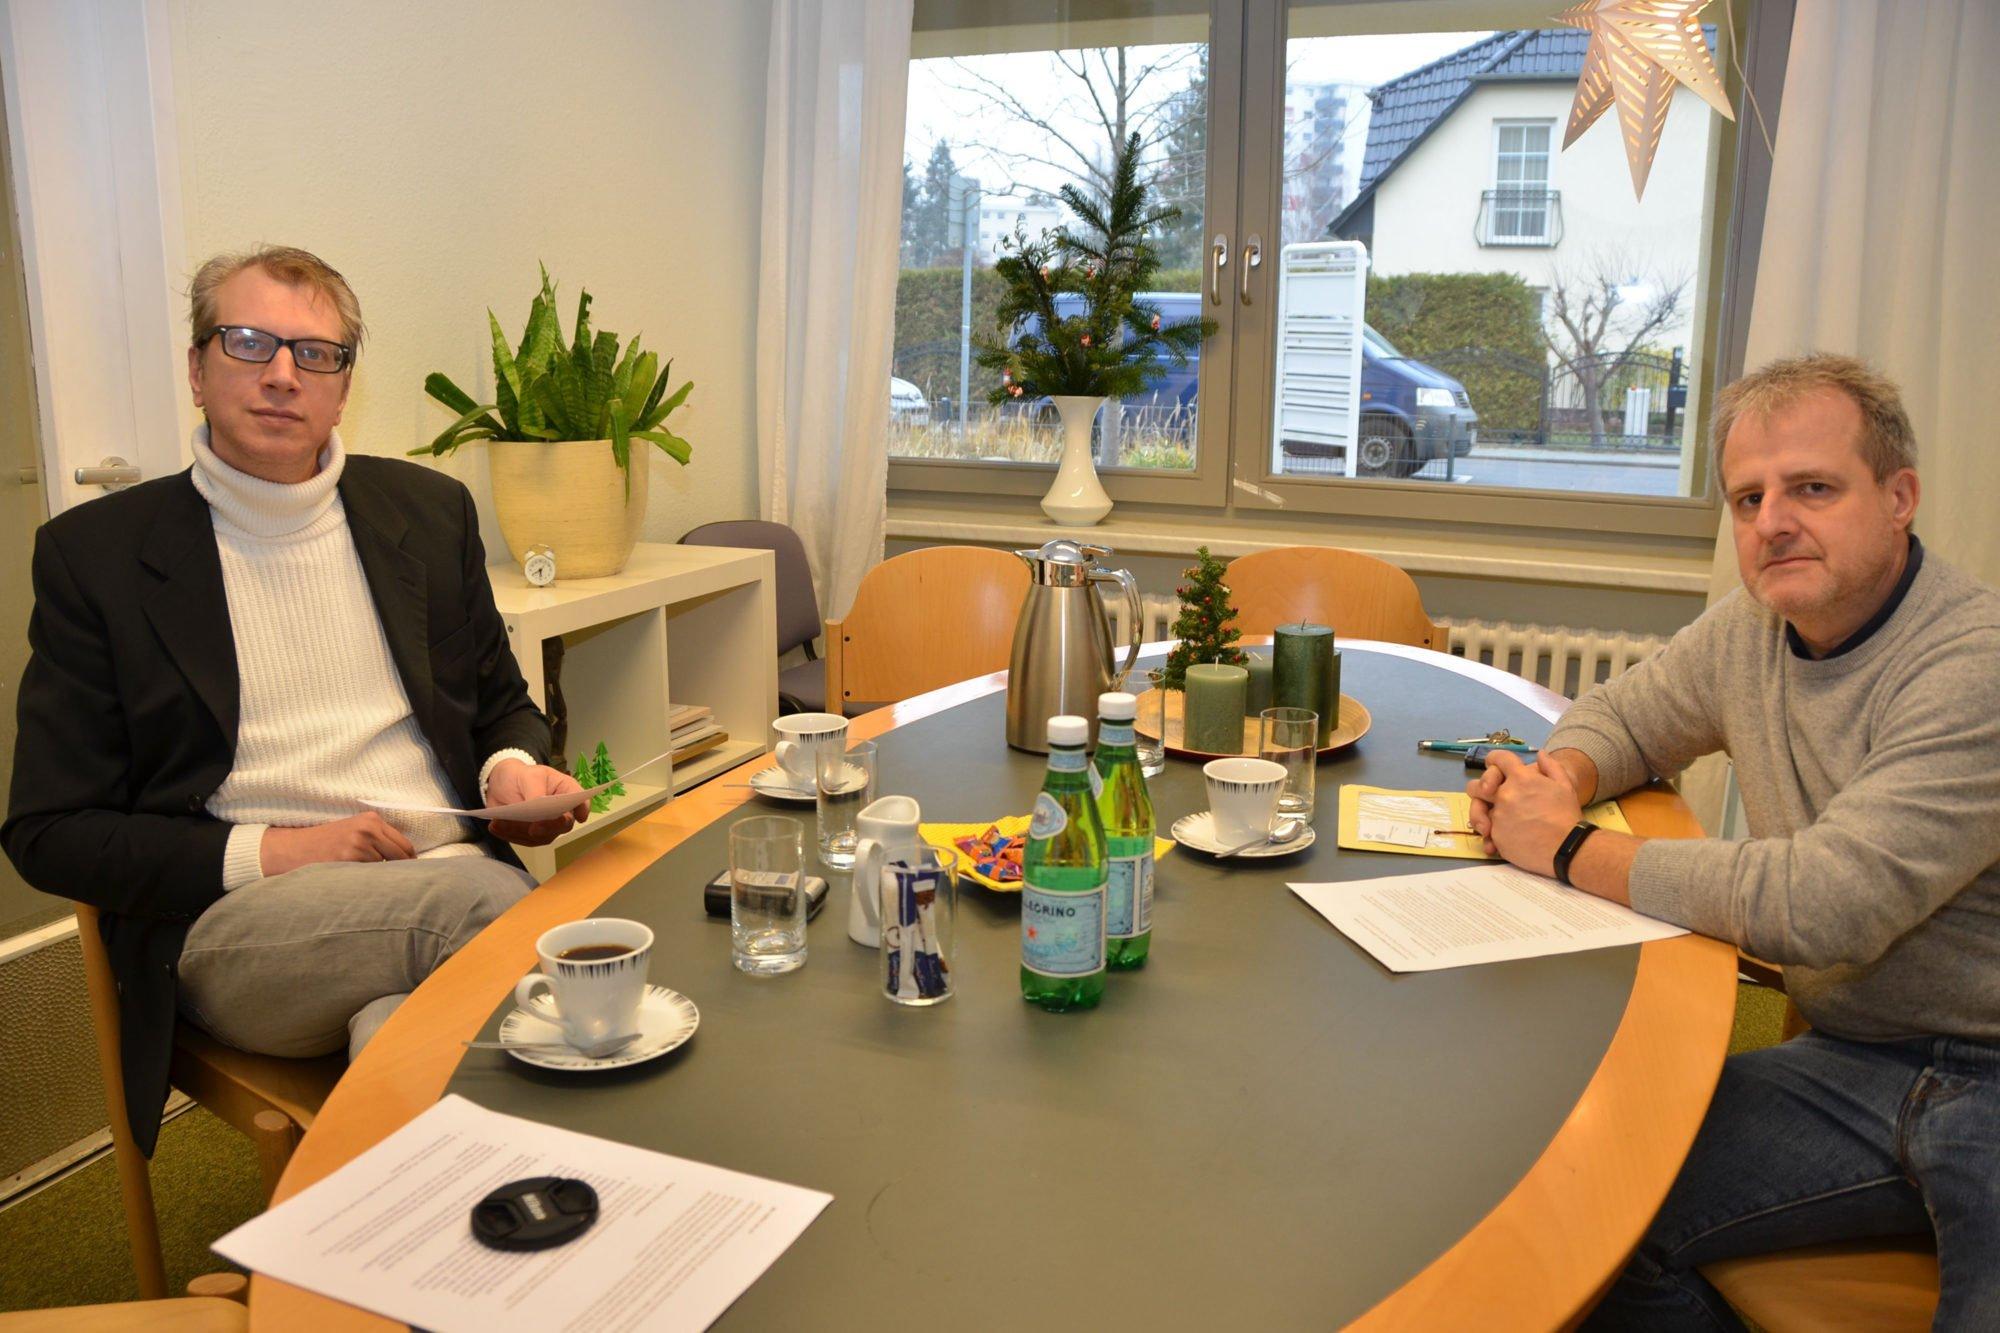 Redakteur Martin Küster sitzt an einem großen ovalen Meeting-Tisch, ihm gegenüber Michael Ertel. Beide schauen Richtung Kamera. Auf dem Tisch stehen Wasserflaschen, Gläser und Kaffeetassen.